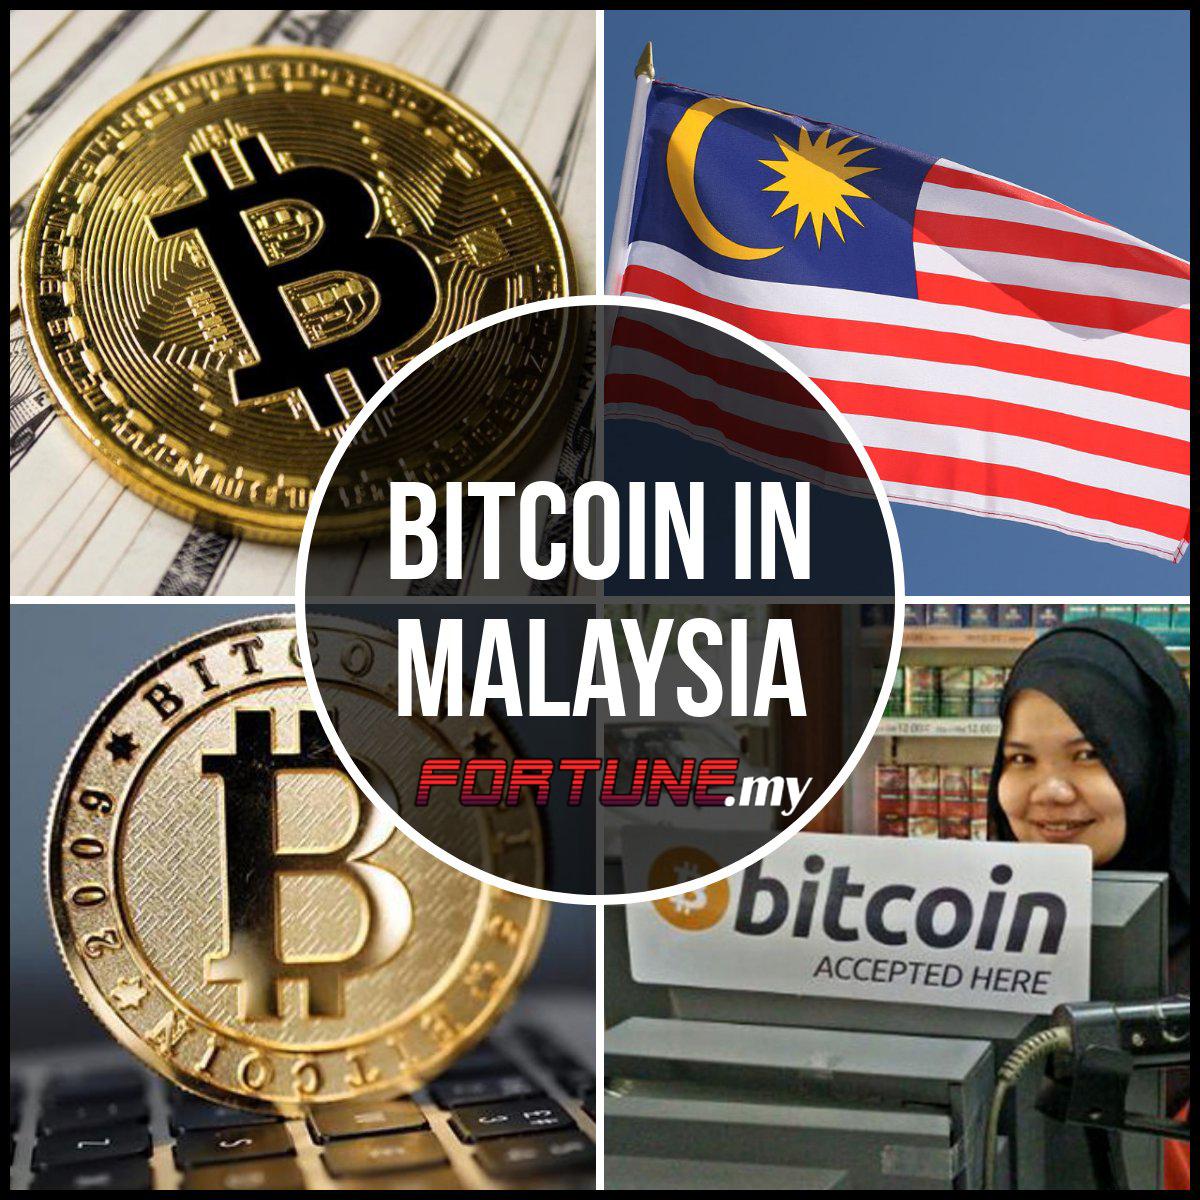 Bitcoins in Malaysia